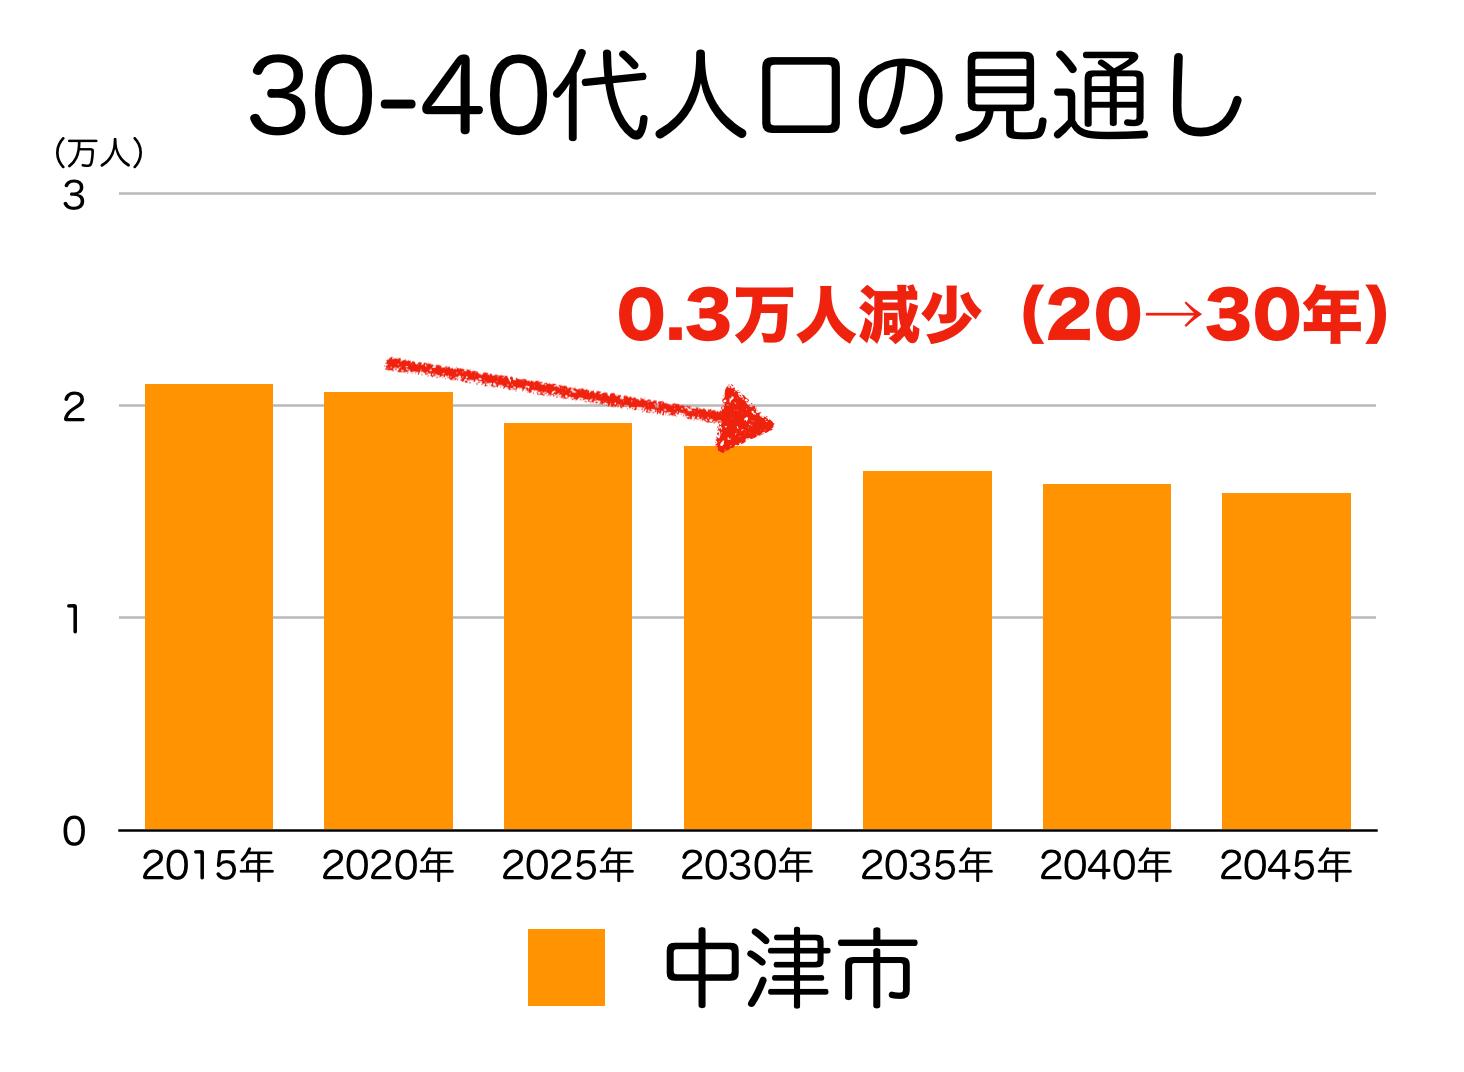 中津市の30〜40代人口の予測